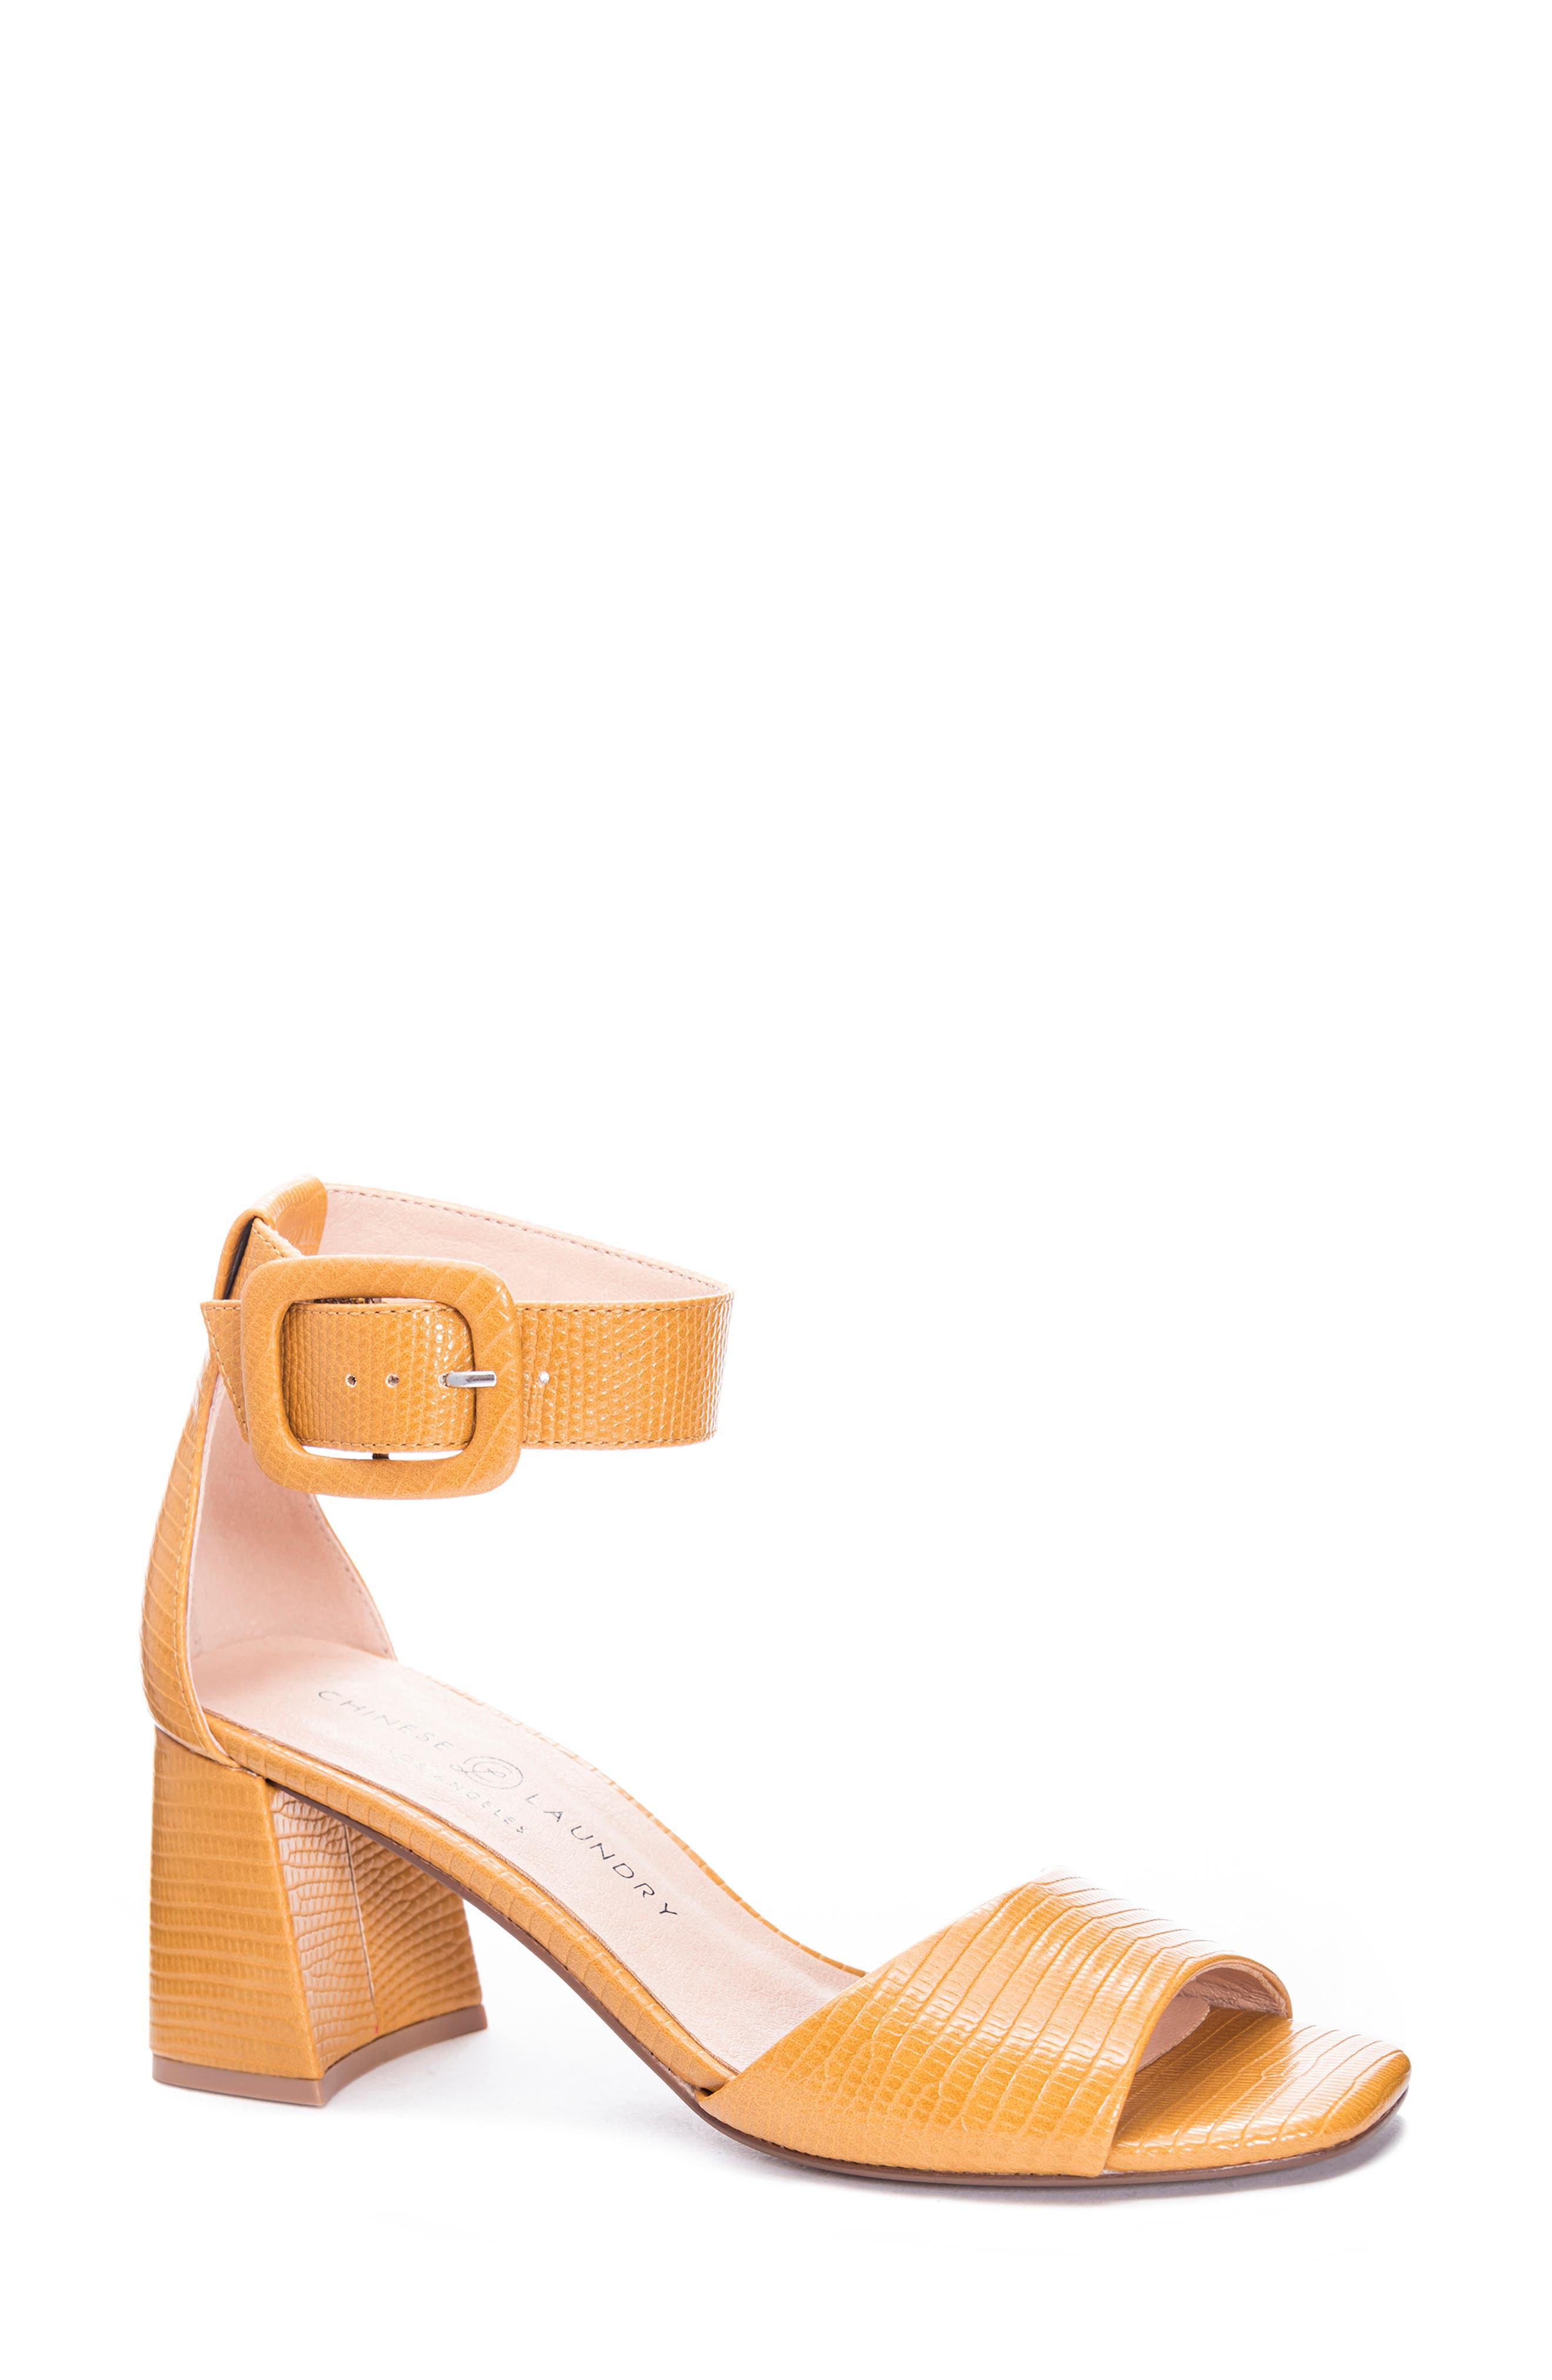 Yova Ankle Strap Sandal